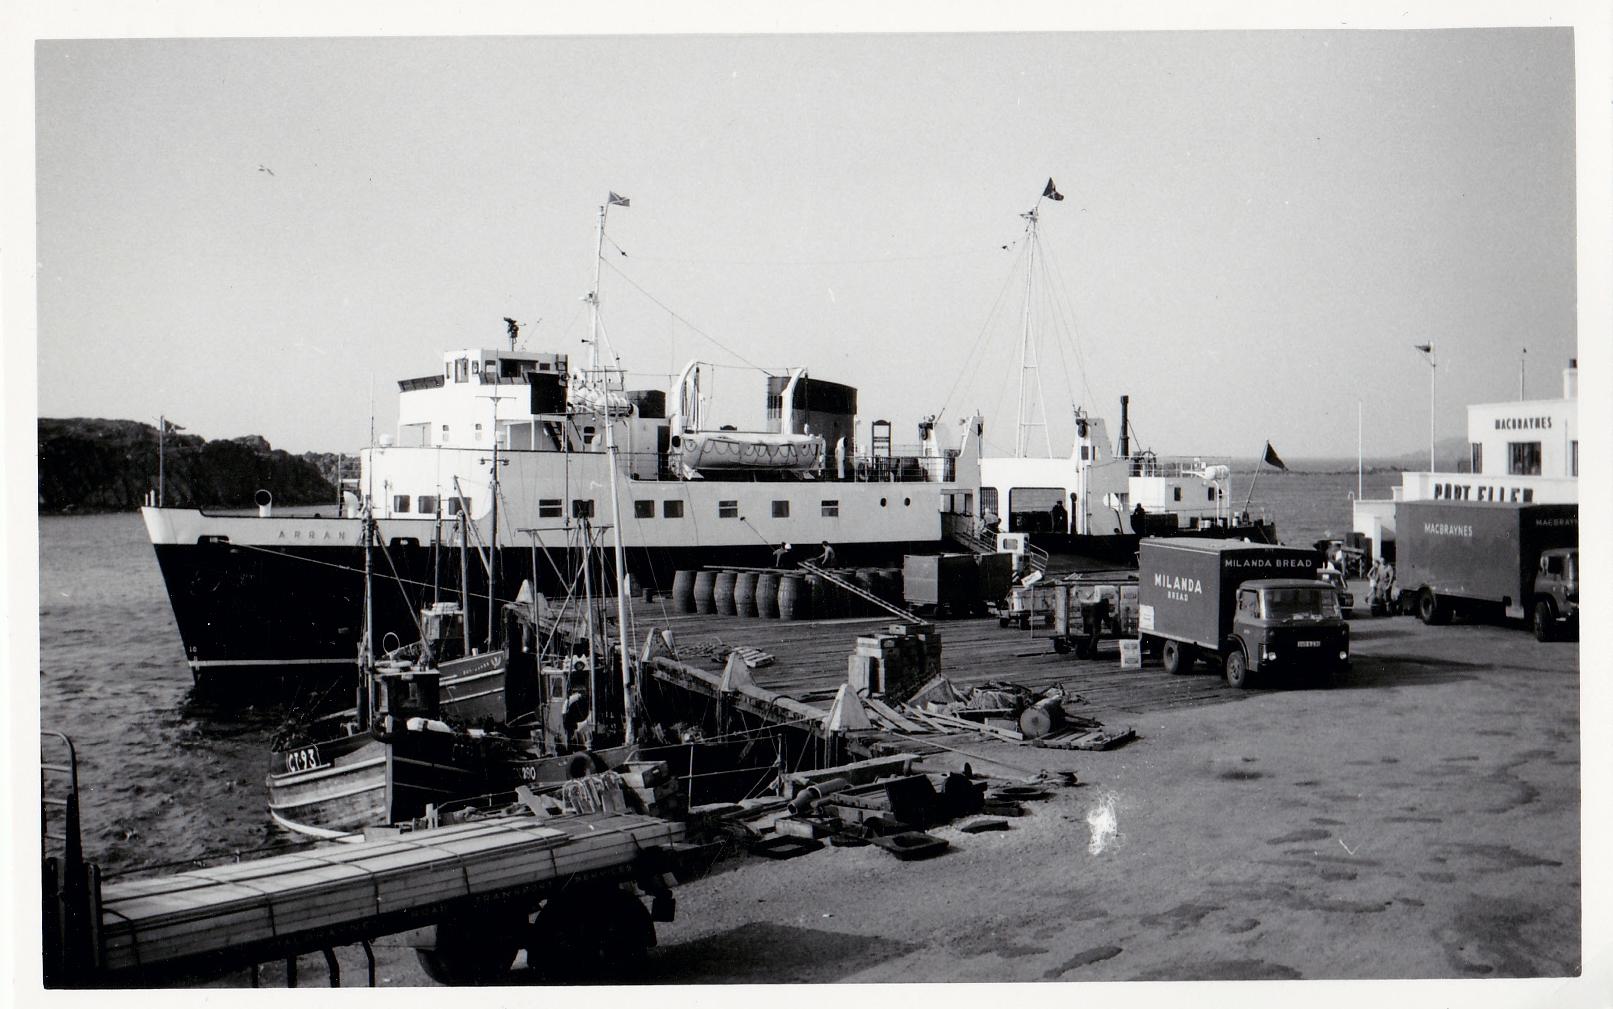 Arran at Port Ellen (Jim Aikman Smith)